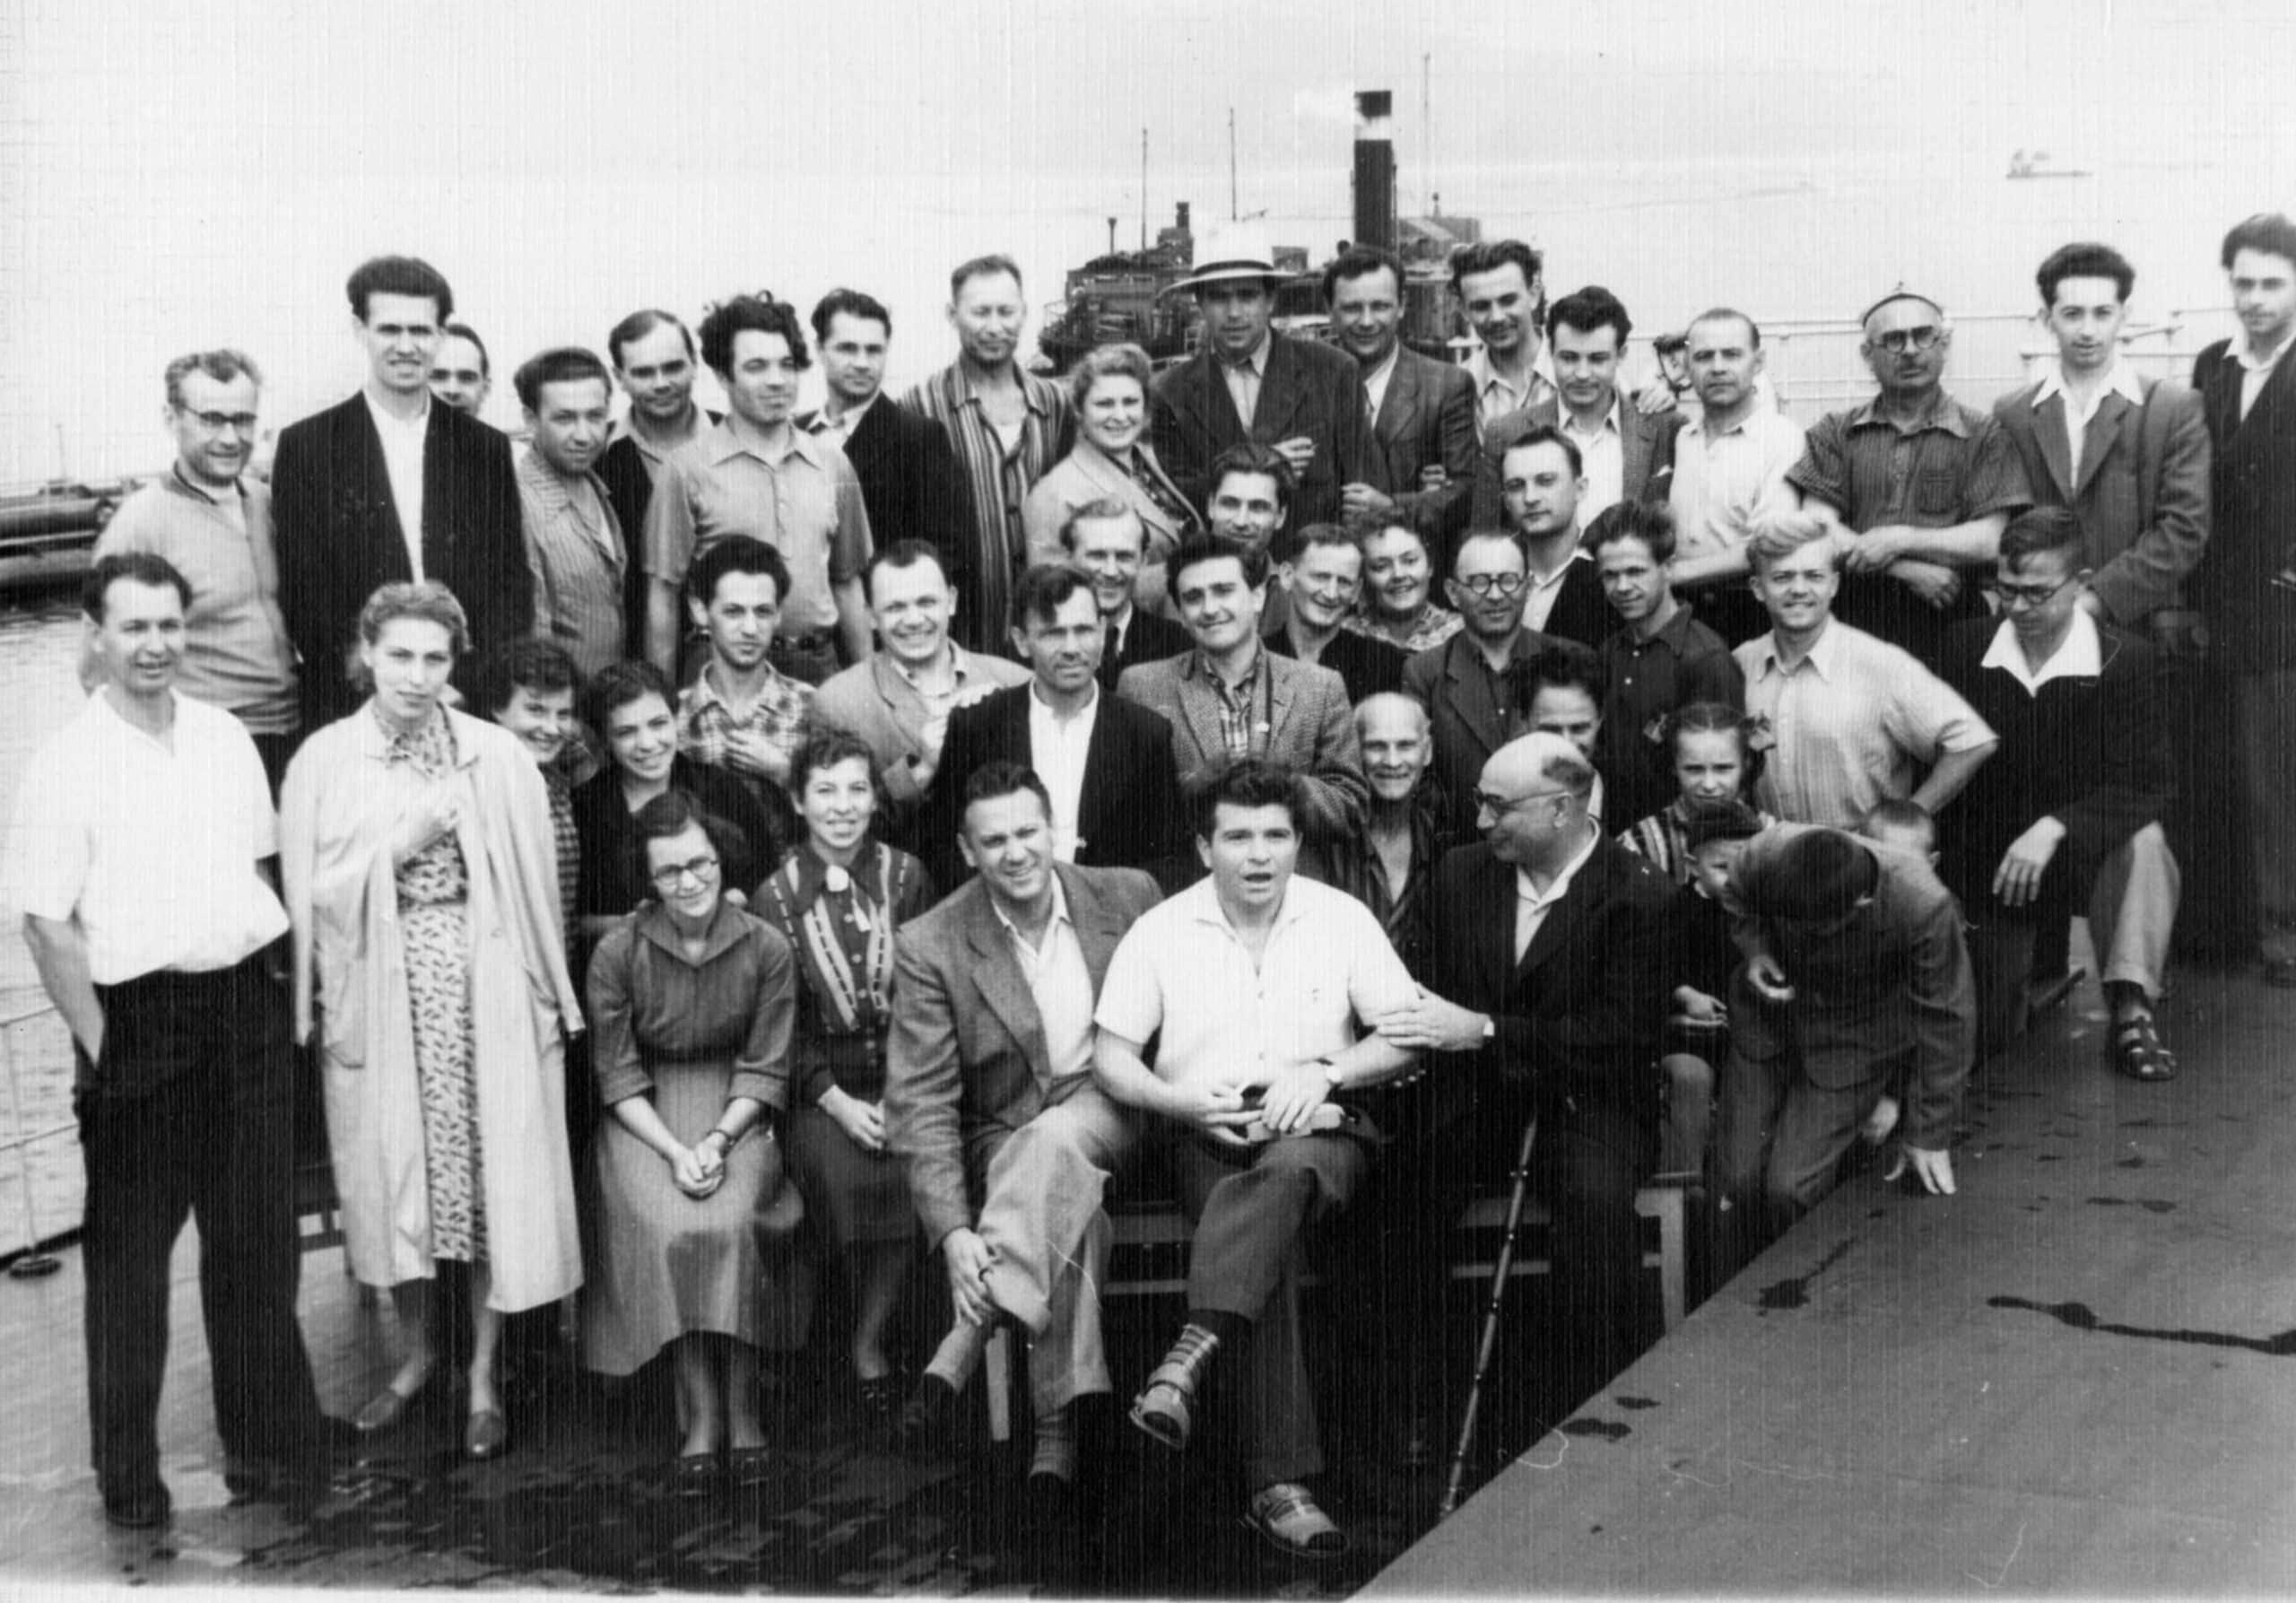 Крилл Кондрашин, Эмиль Гилельс и Лазарь Гельфонд с оркестром Горьковской филармонии на теплоходе. 1957 год. Фото из архива Анны Гельфонд